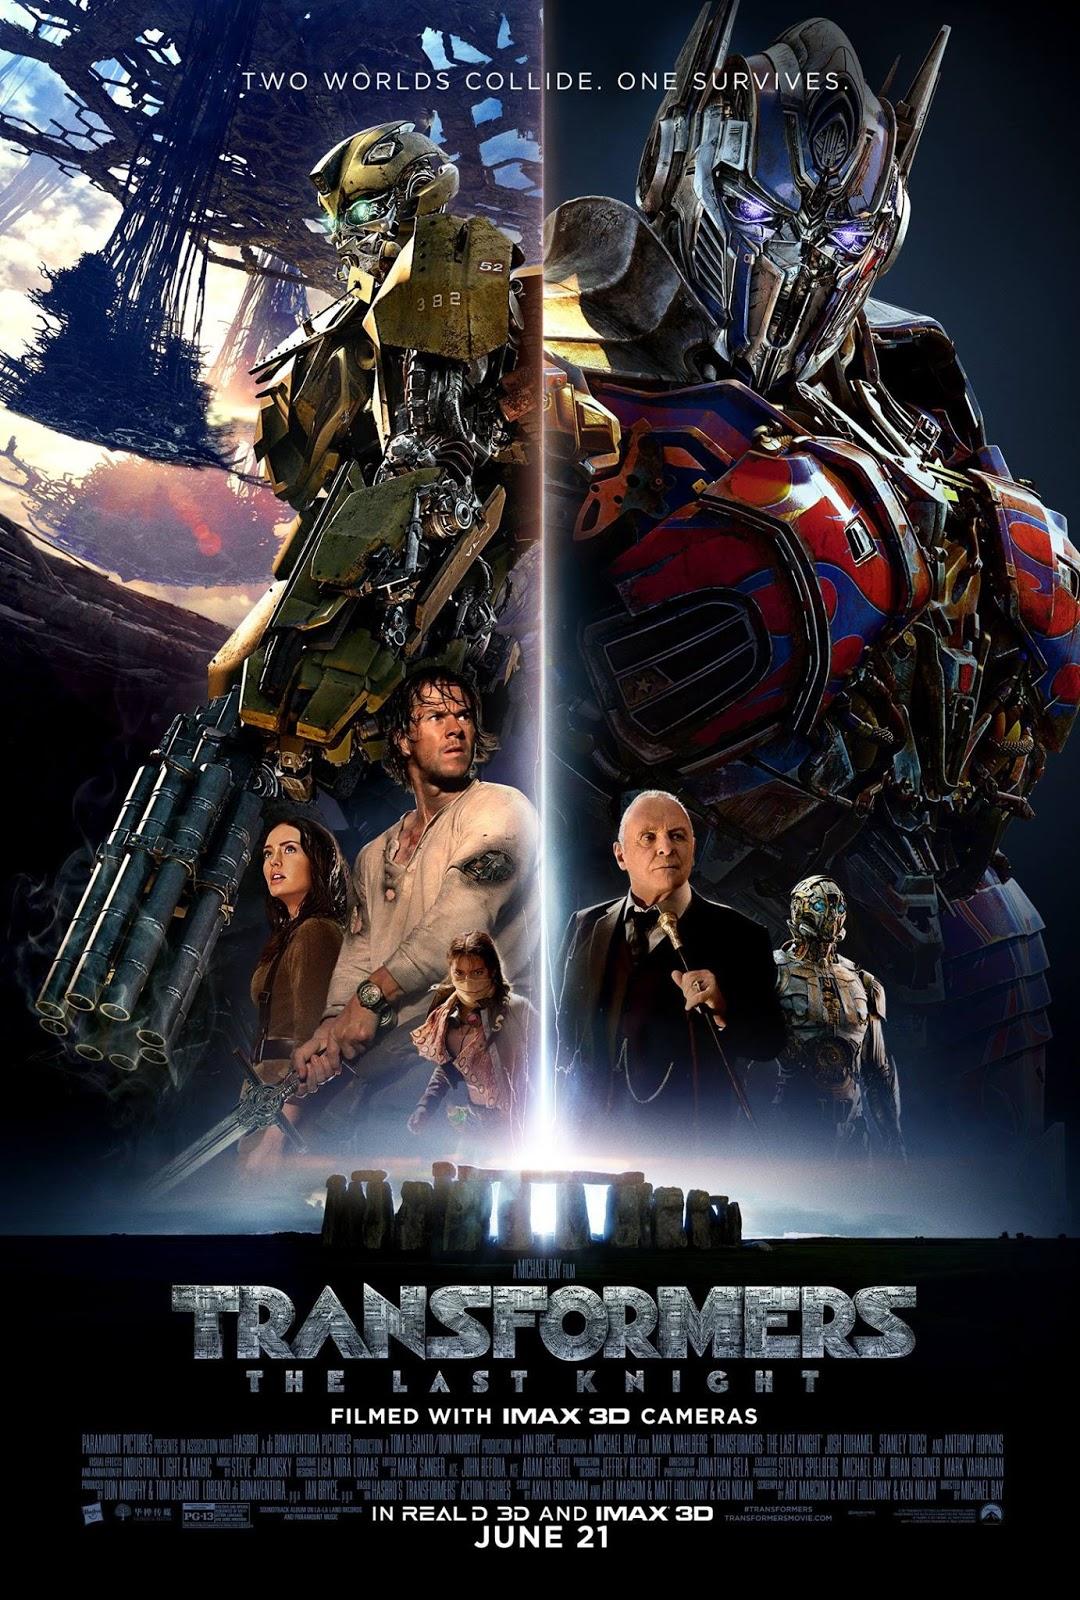 ตัวอย่างหนังใหม่ - Transformers: The Last Knight (ทรานส์ฟอร์เมอร์ส 5: อัศวินรุ่นสุดท้าย) ตัวอย่างที่2 ซับไทย poster13